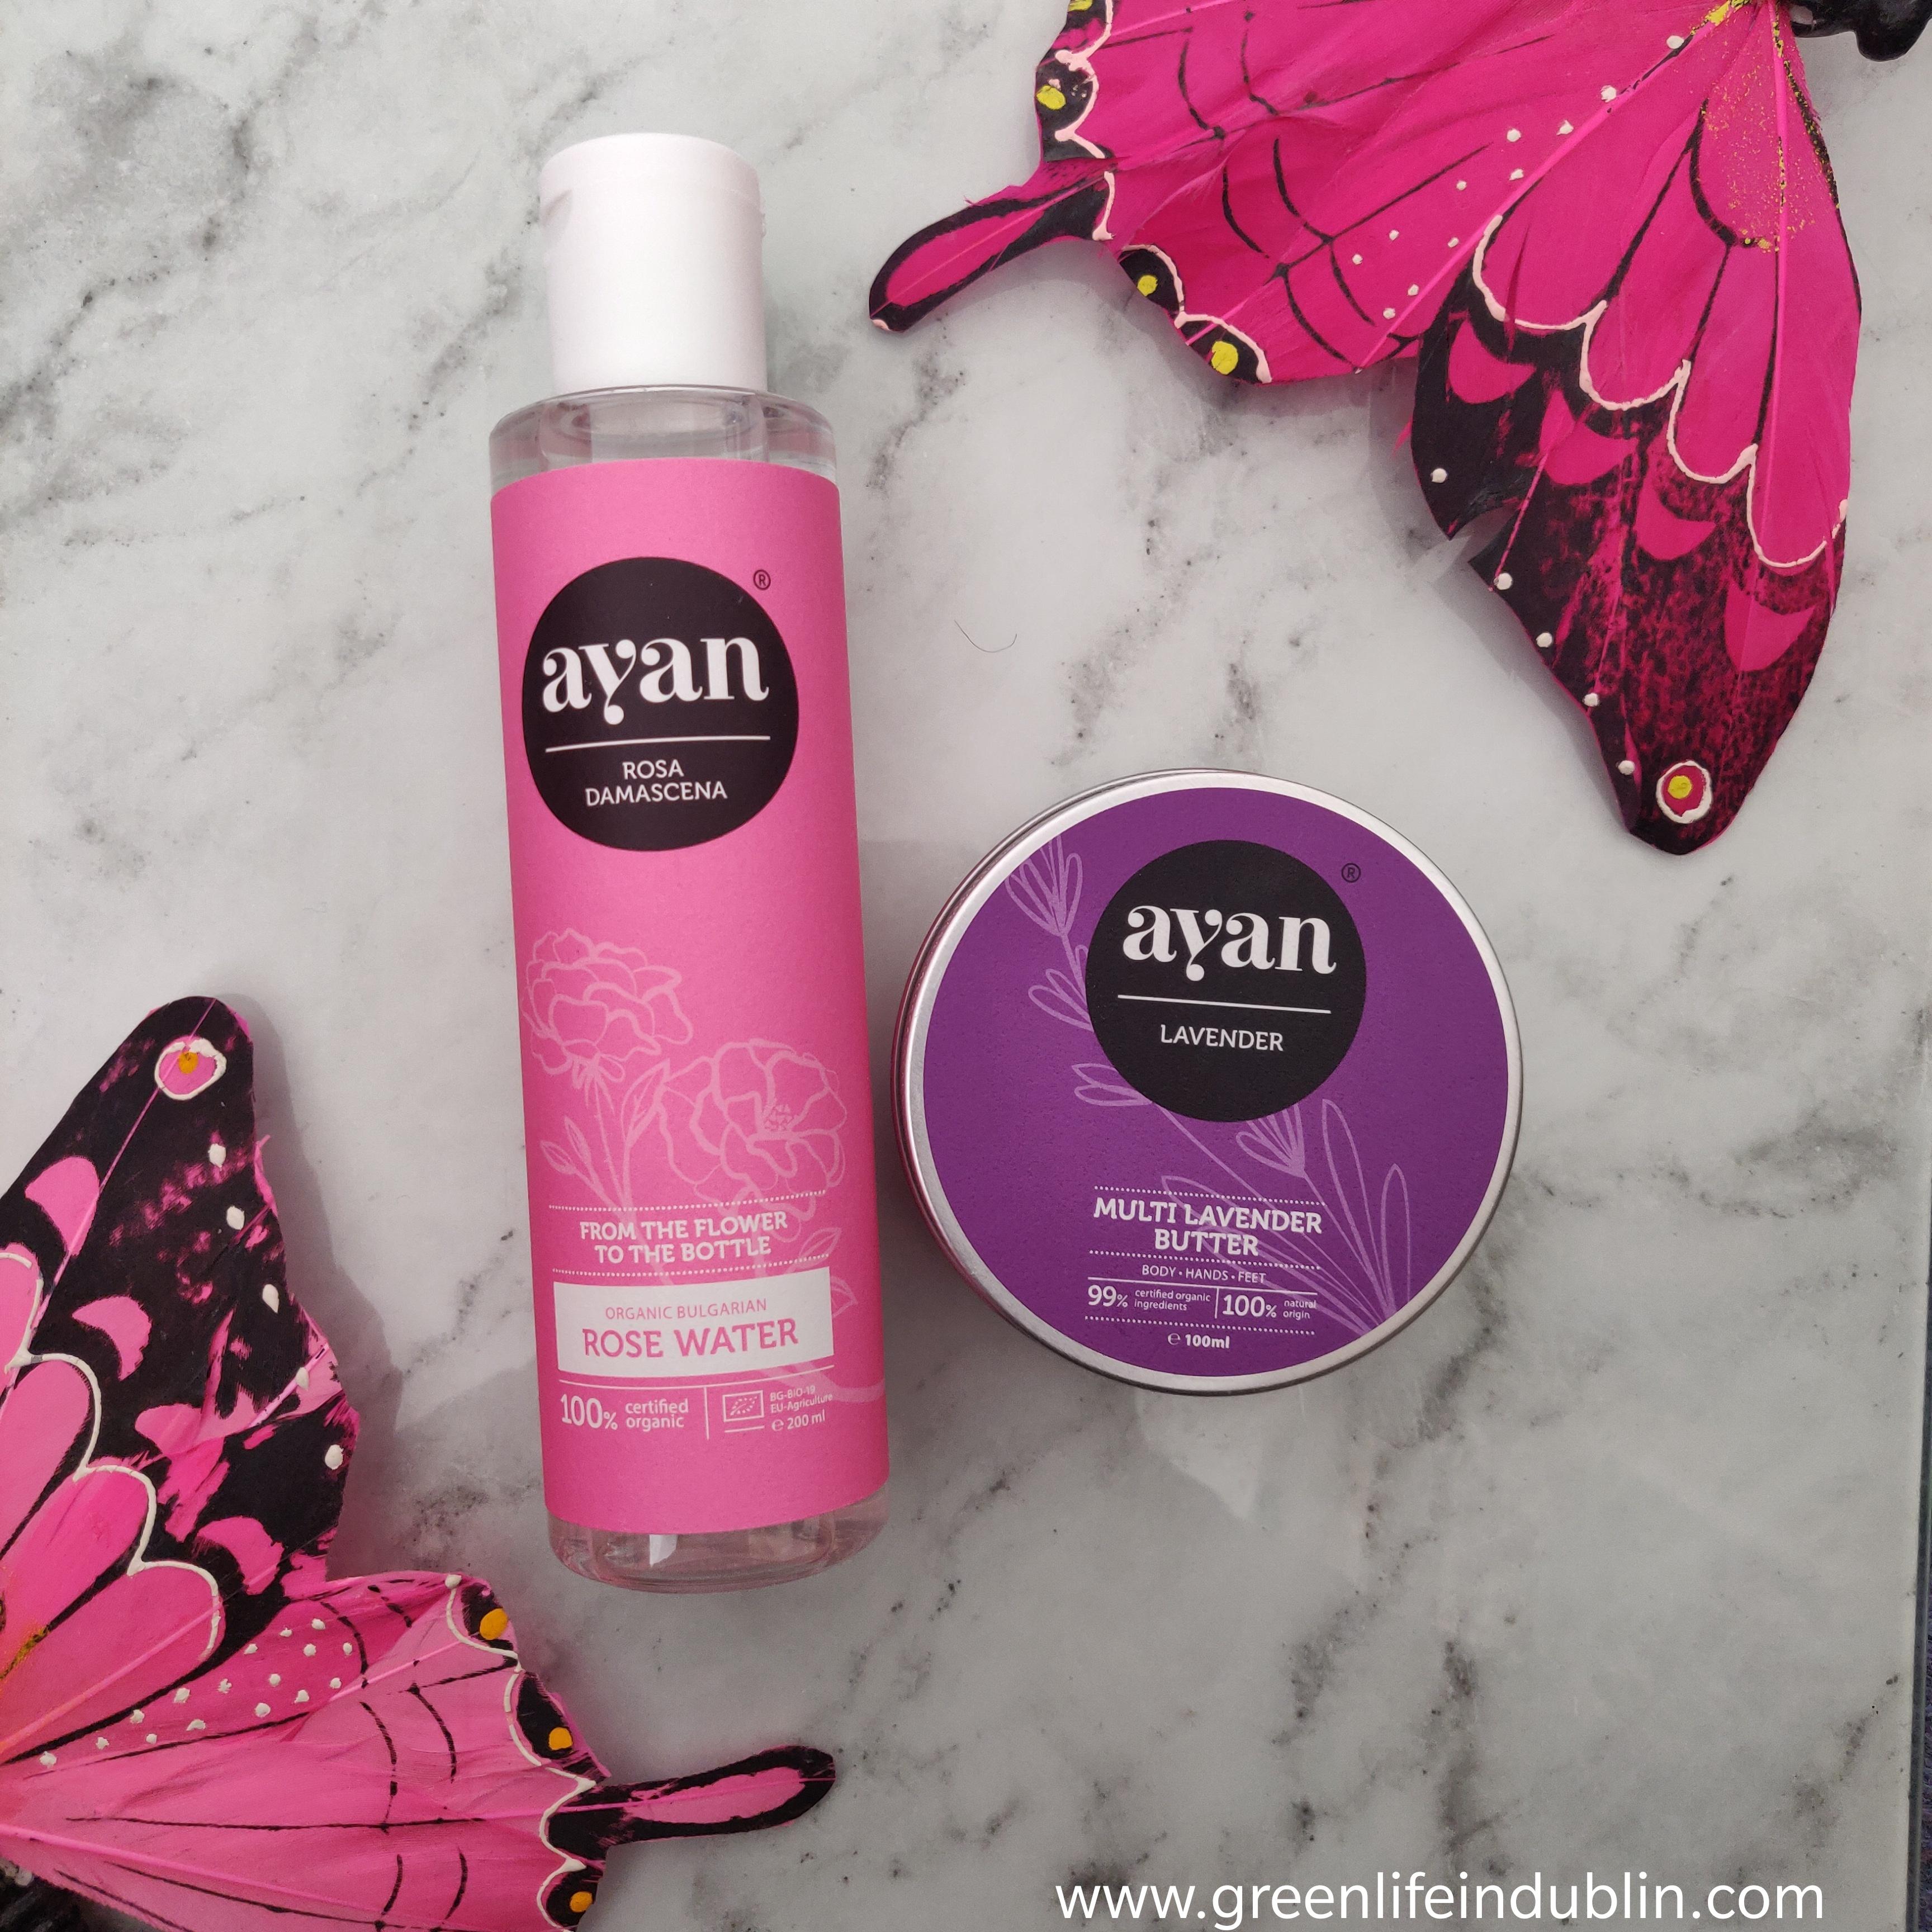 Ayan review